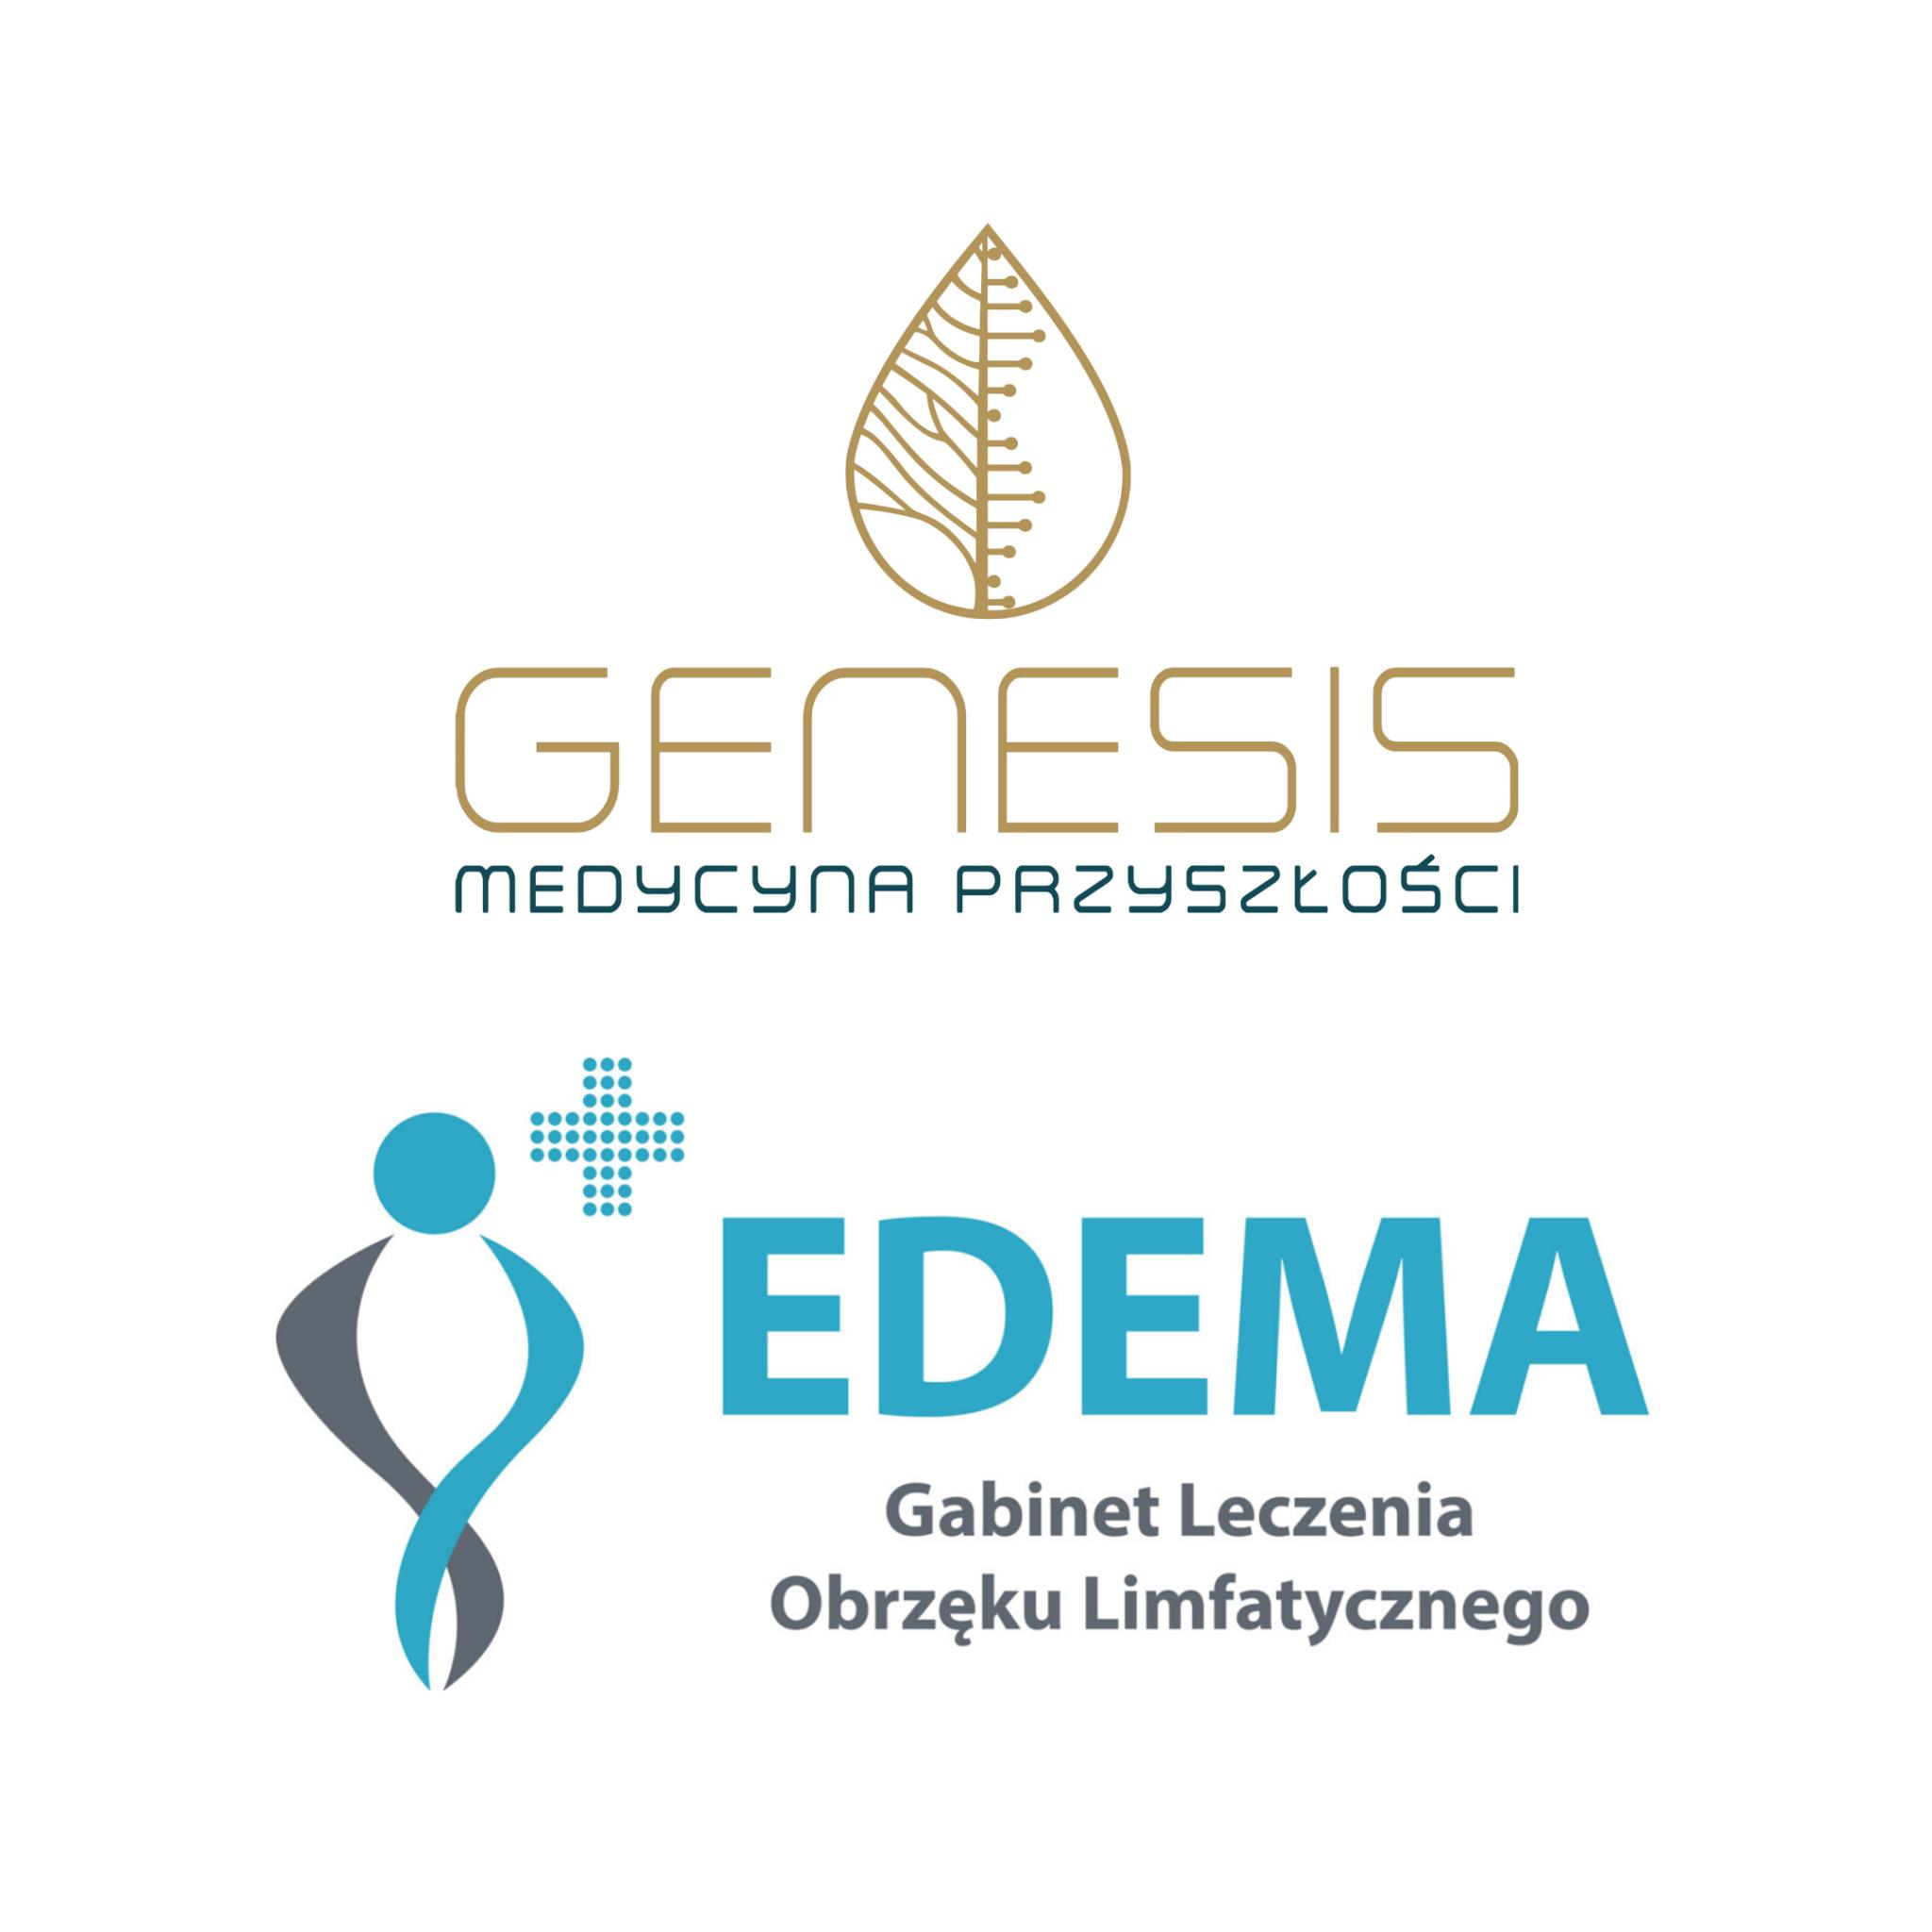 Gabinet EDEMA Podejmuje Współpracę Z Kliniką GENESIS W Krakowie :)